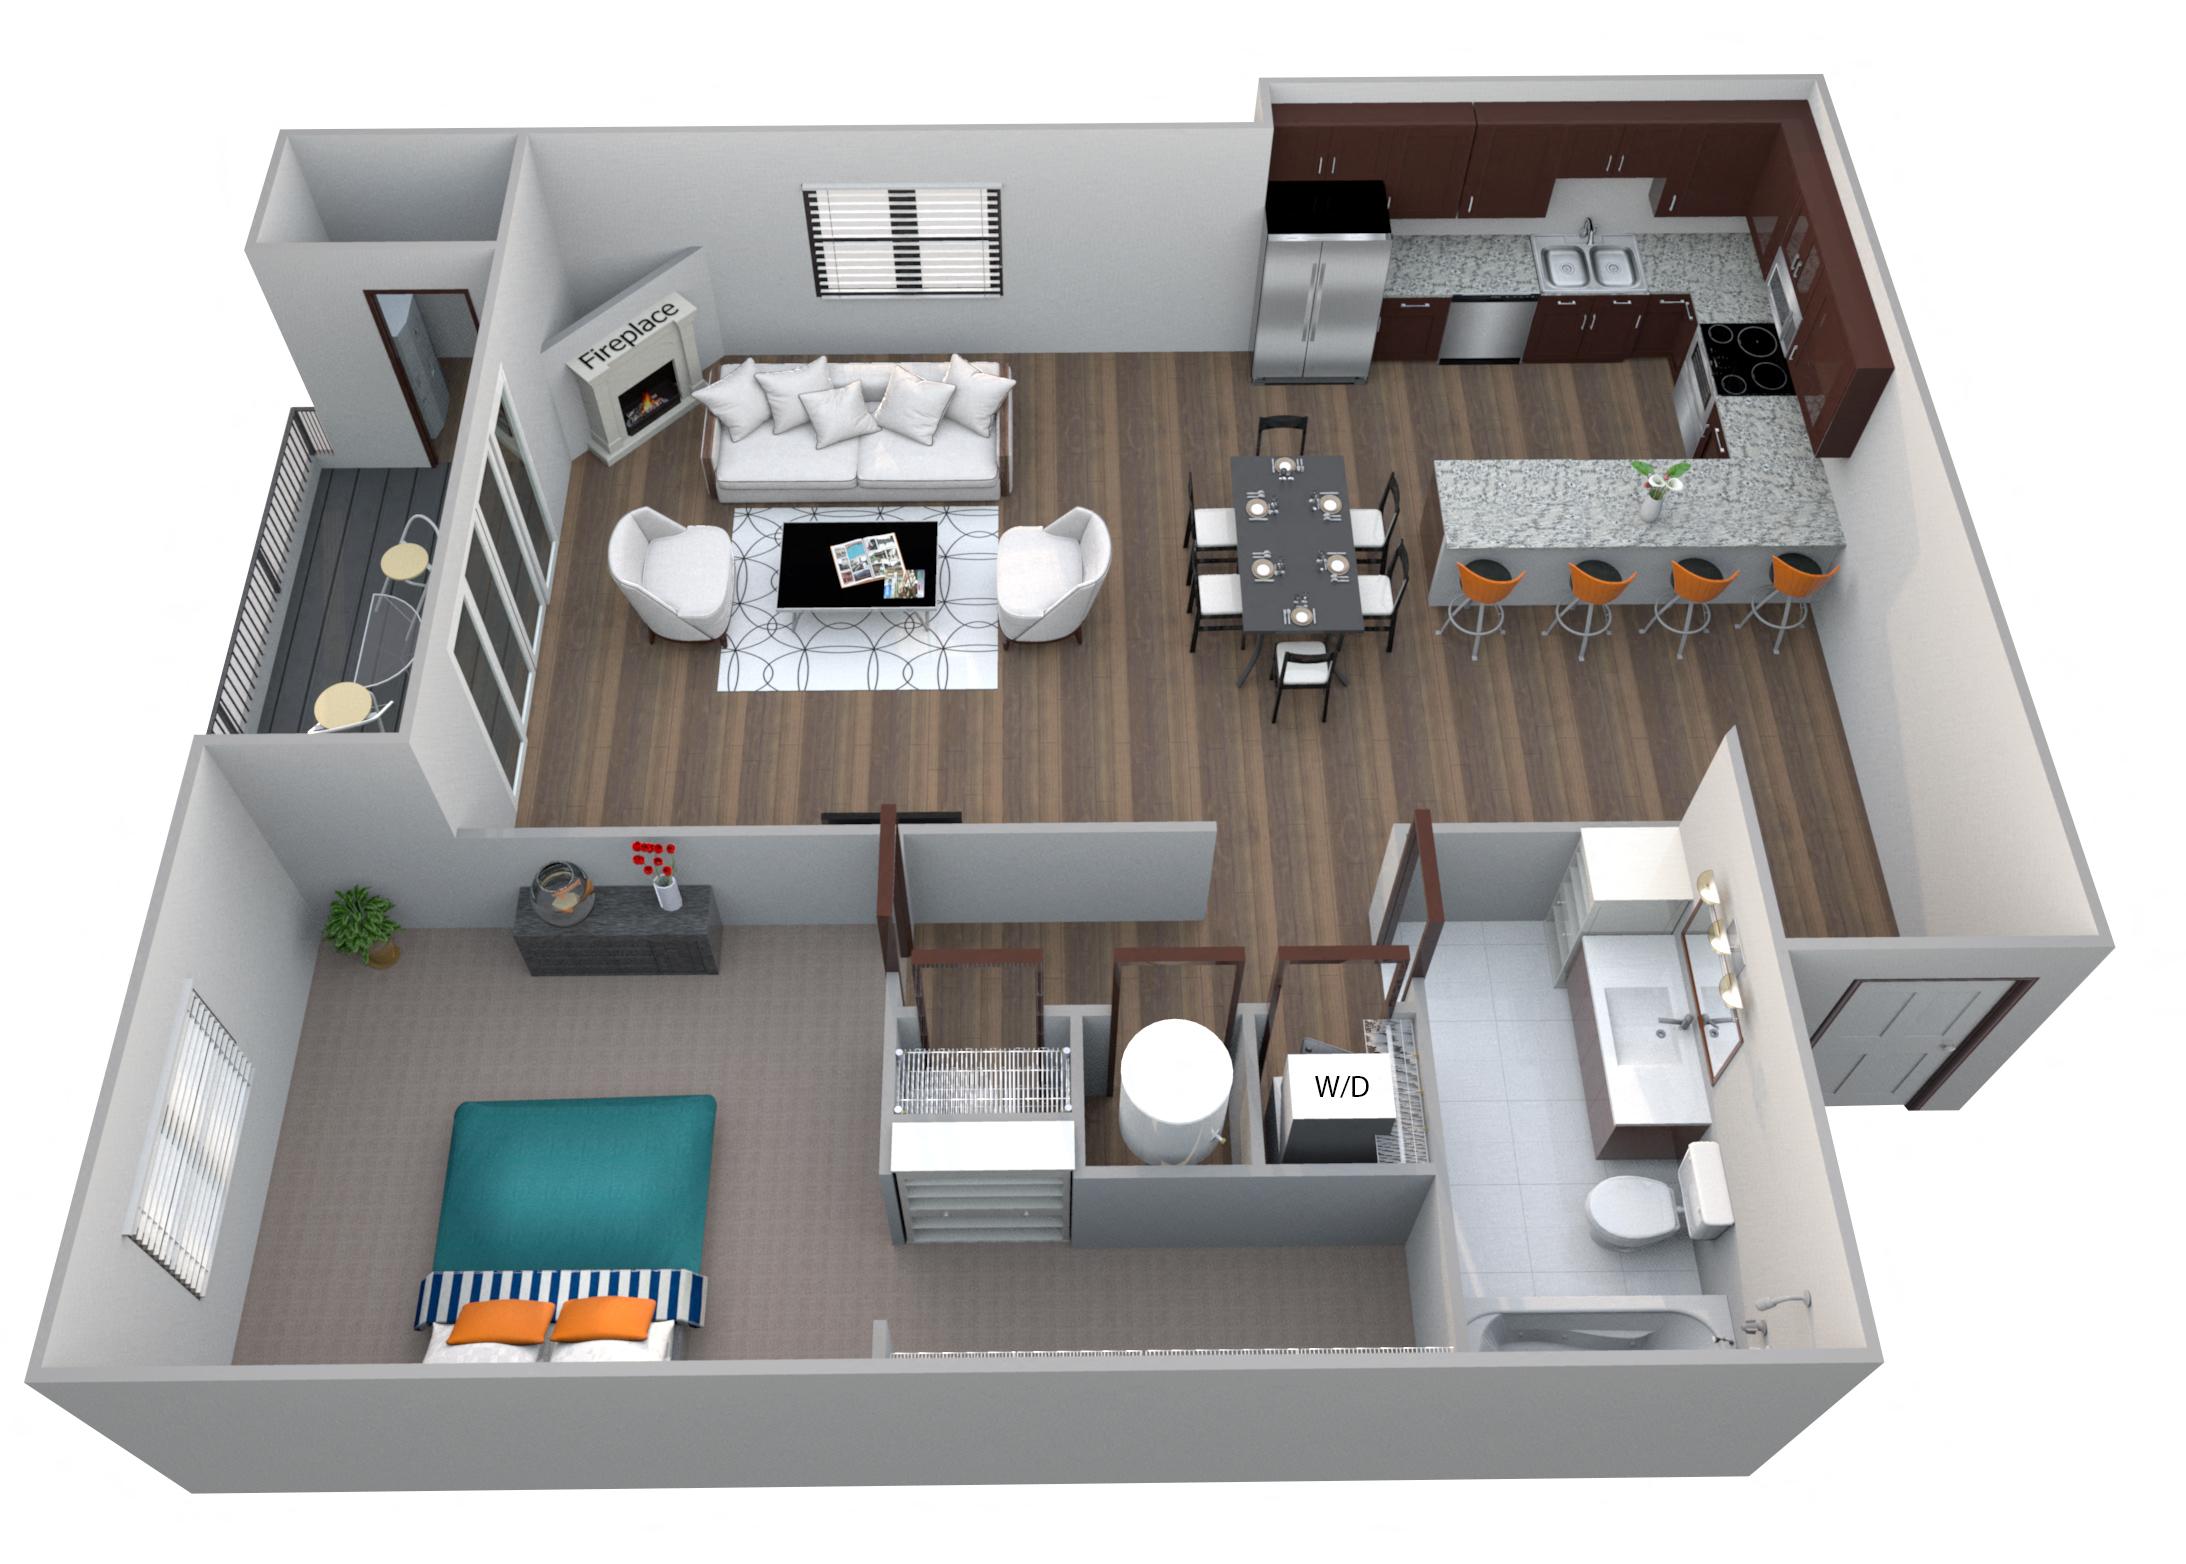 Unit B3 Bent Building 1 Bedroom Apartment At 360 Jordan West Best New